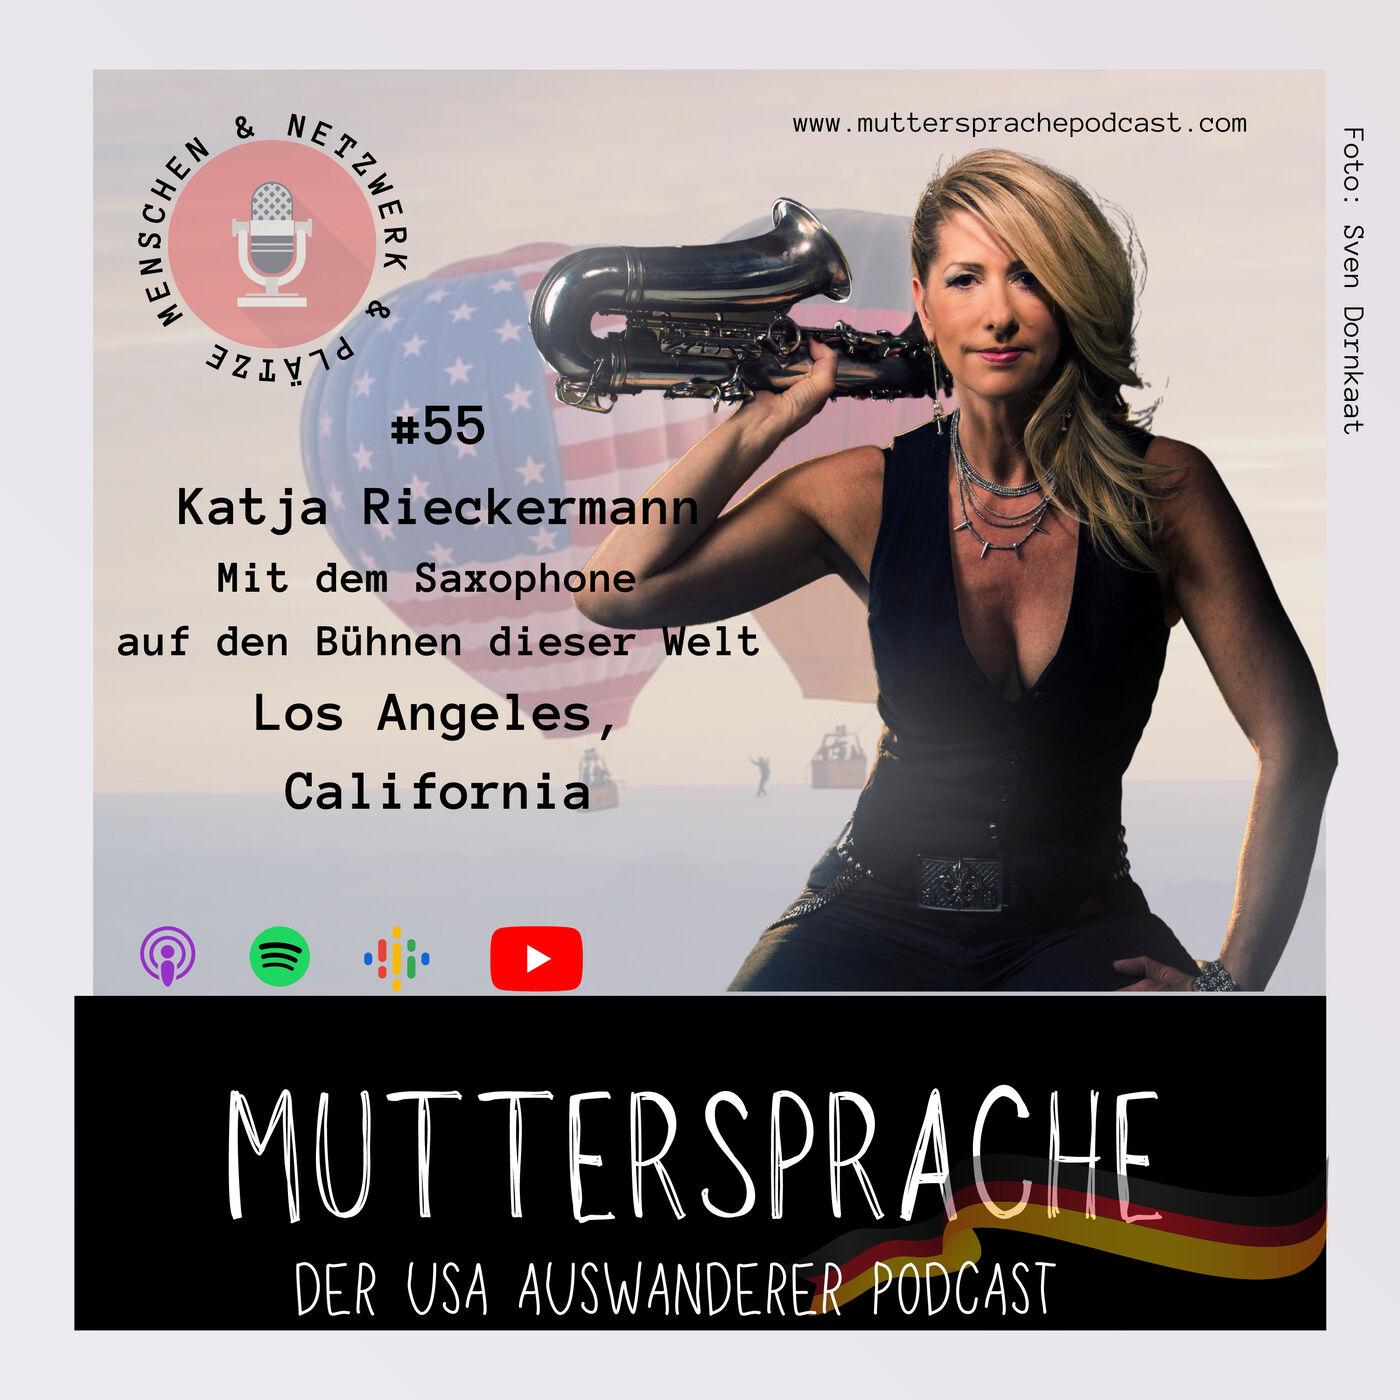 Folge 55: Mit dem Saxophone auf den Bühnen dieser Welt - KATJA RIECKERMANN, LOS ANGELES CALIFORNIA